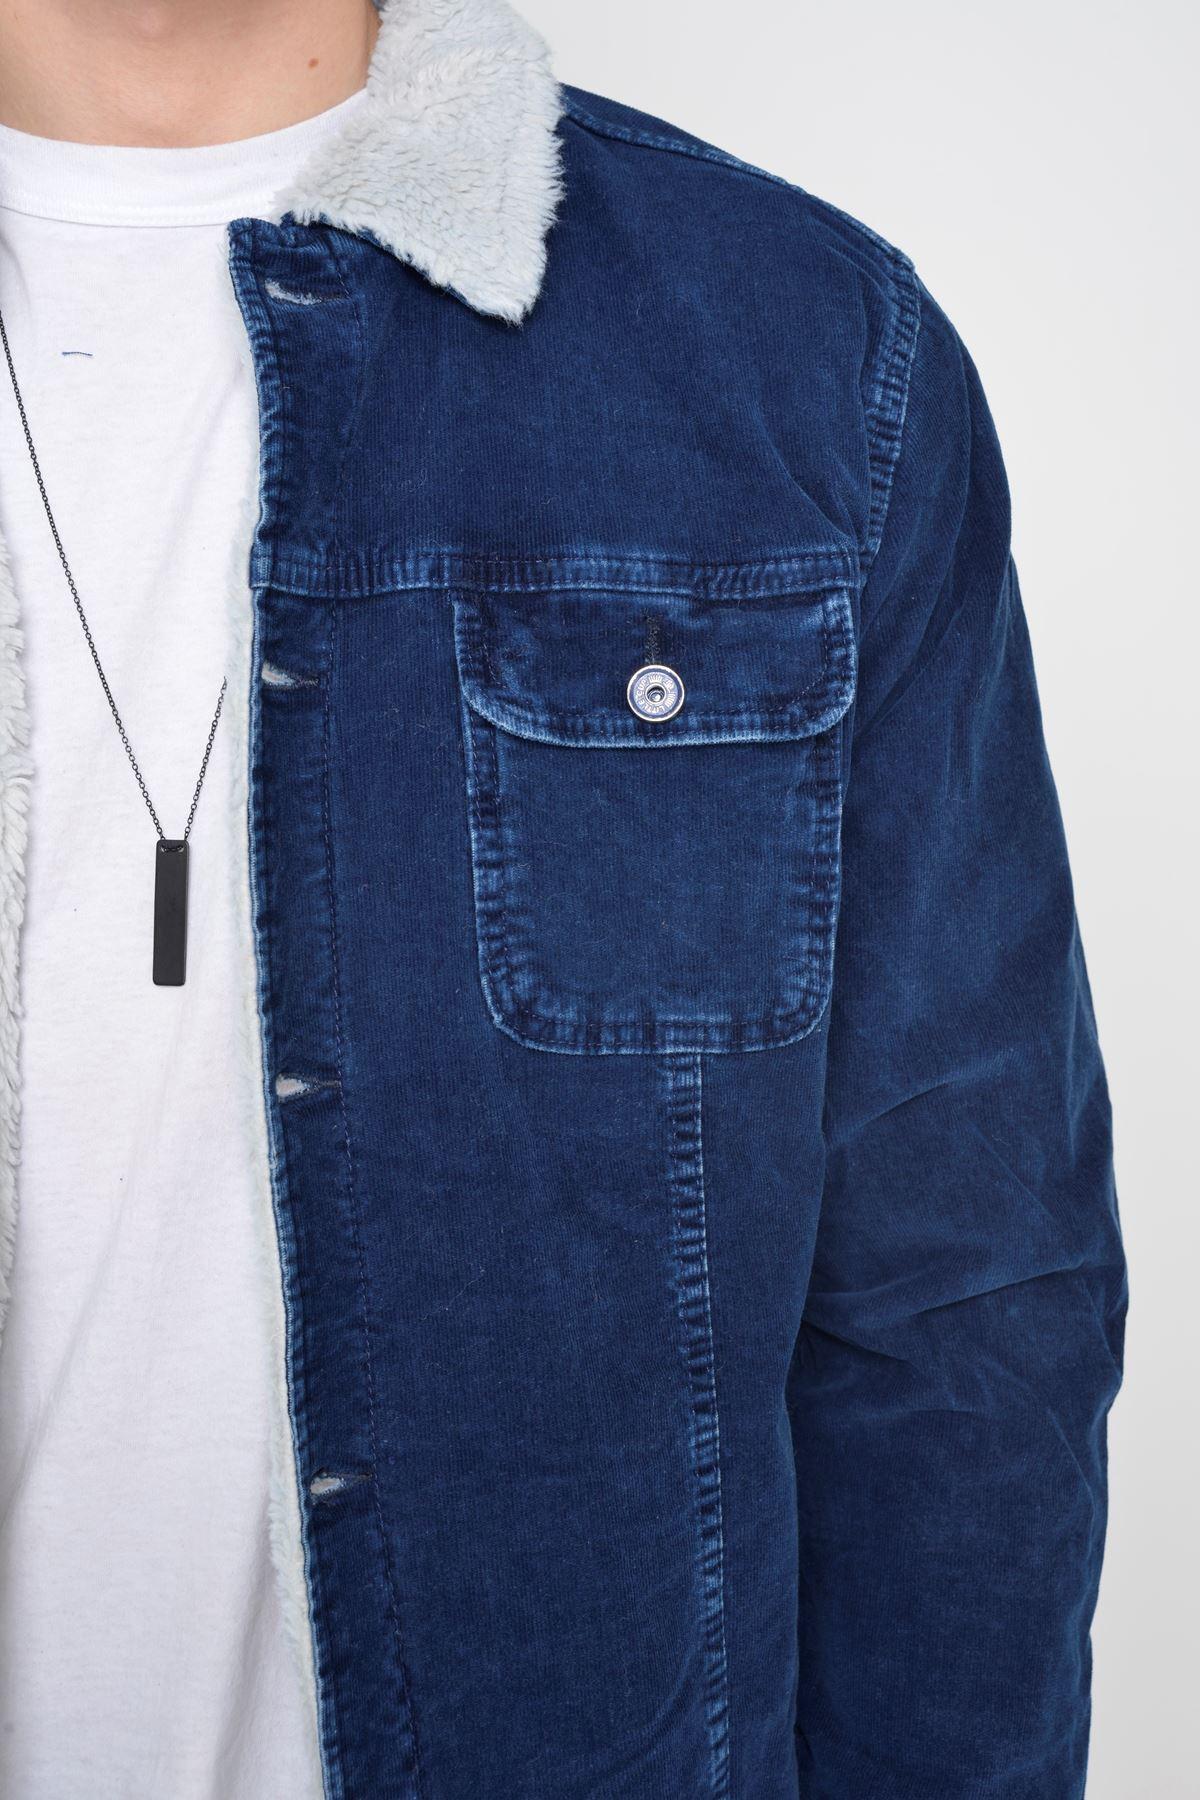 Kadife İçi Kürklü Düğmeli Yıkamalı İndigo Ceket